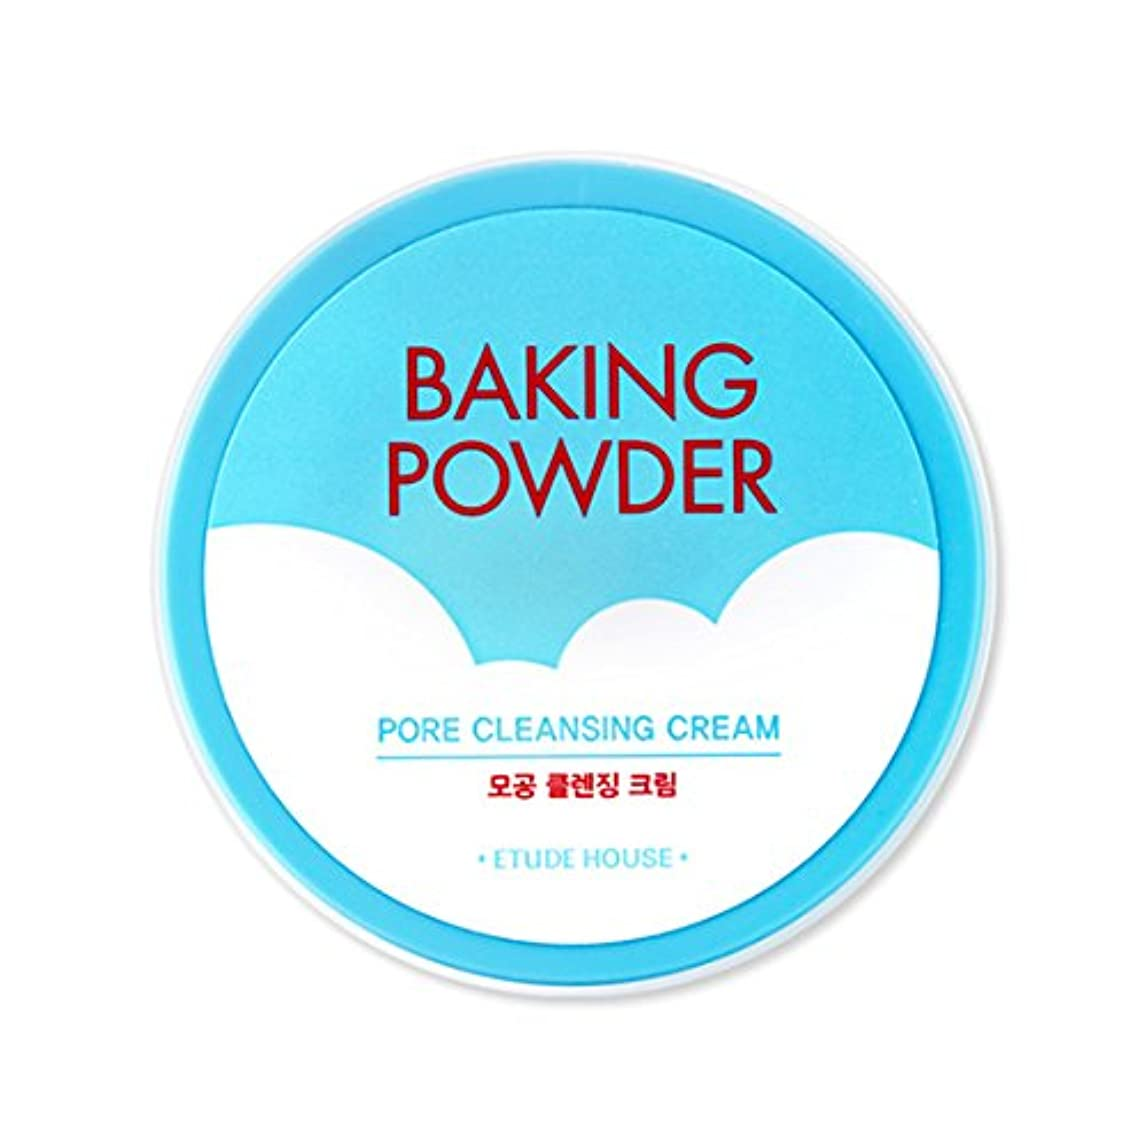 タイトルレインコート火山の[2016 Upgrade!] ETUDE HOUSE Baking Powder Pore Cleansing Cream 180ml/エチュードハウス ベーキング パウダー ポア クレンジング クリーム 180ml...